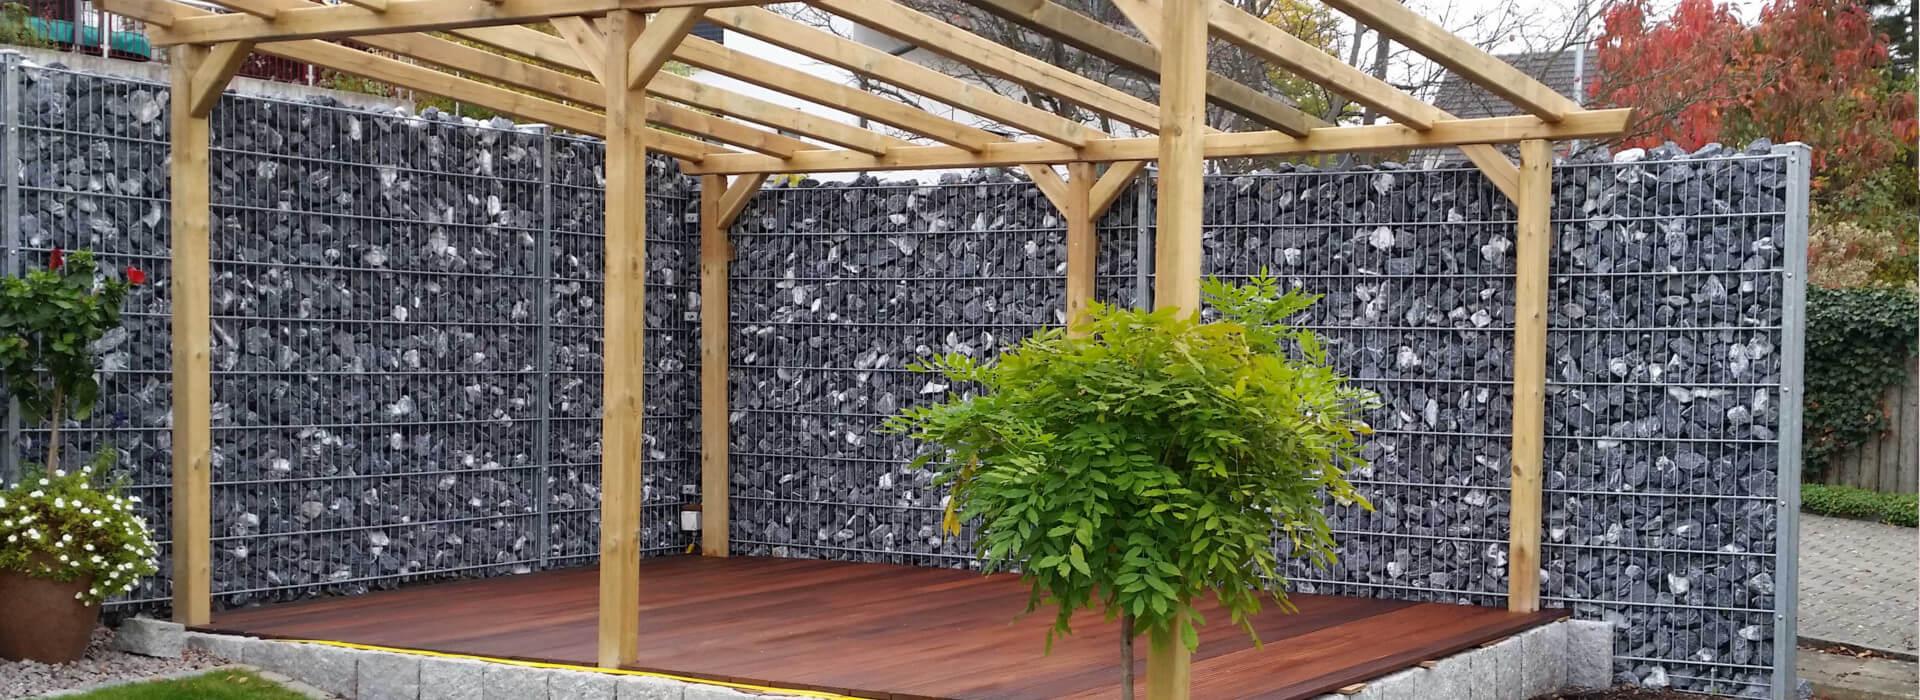 Gabionen für Terrasse